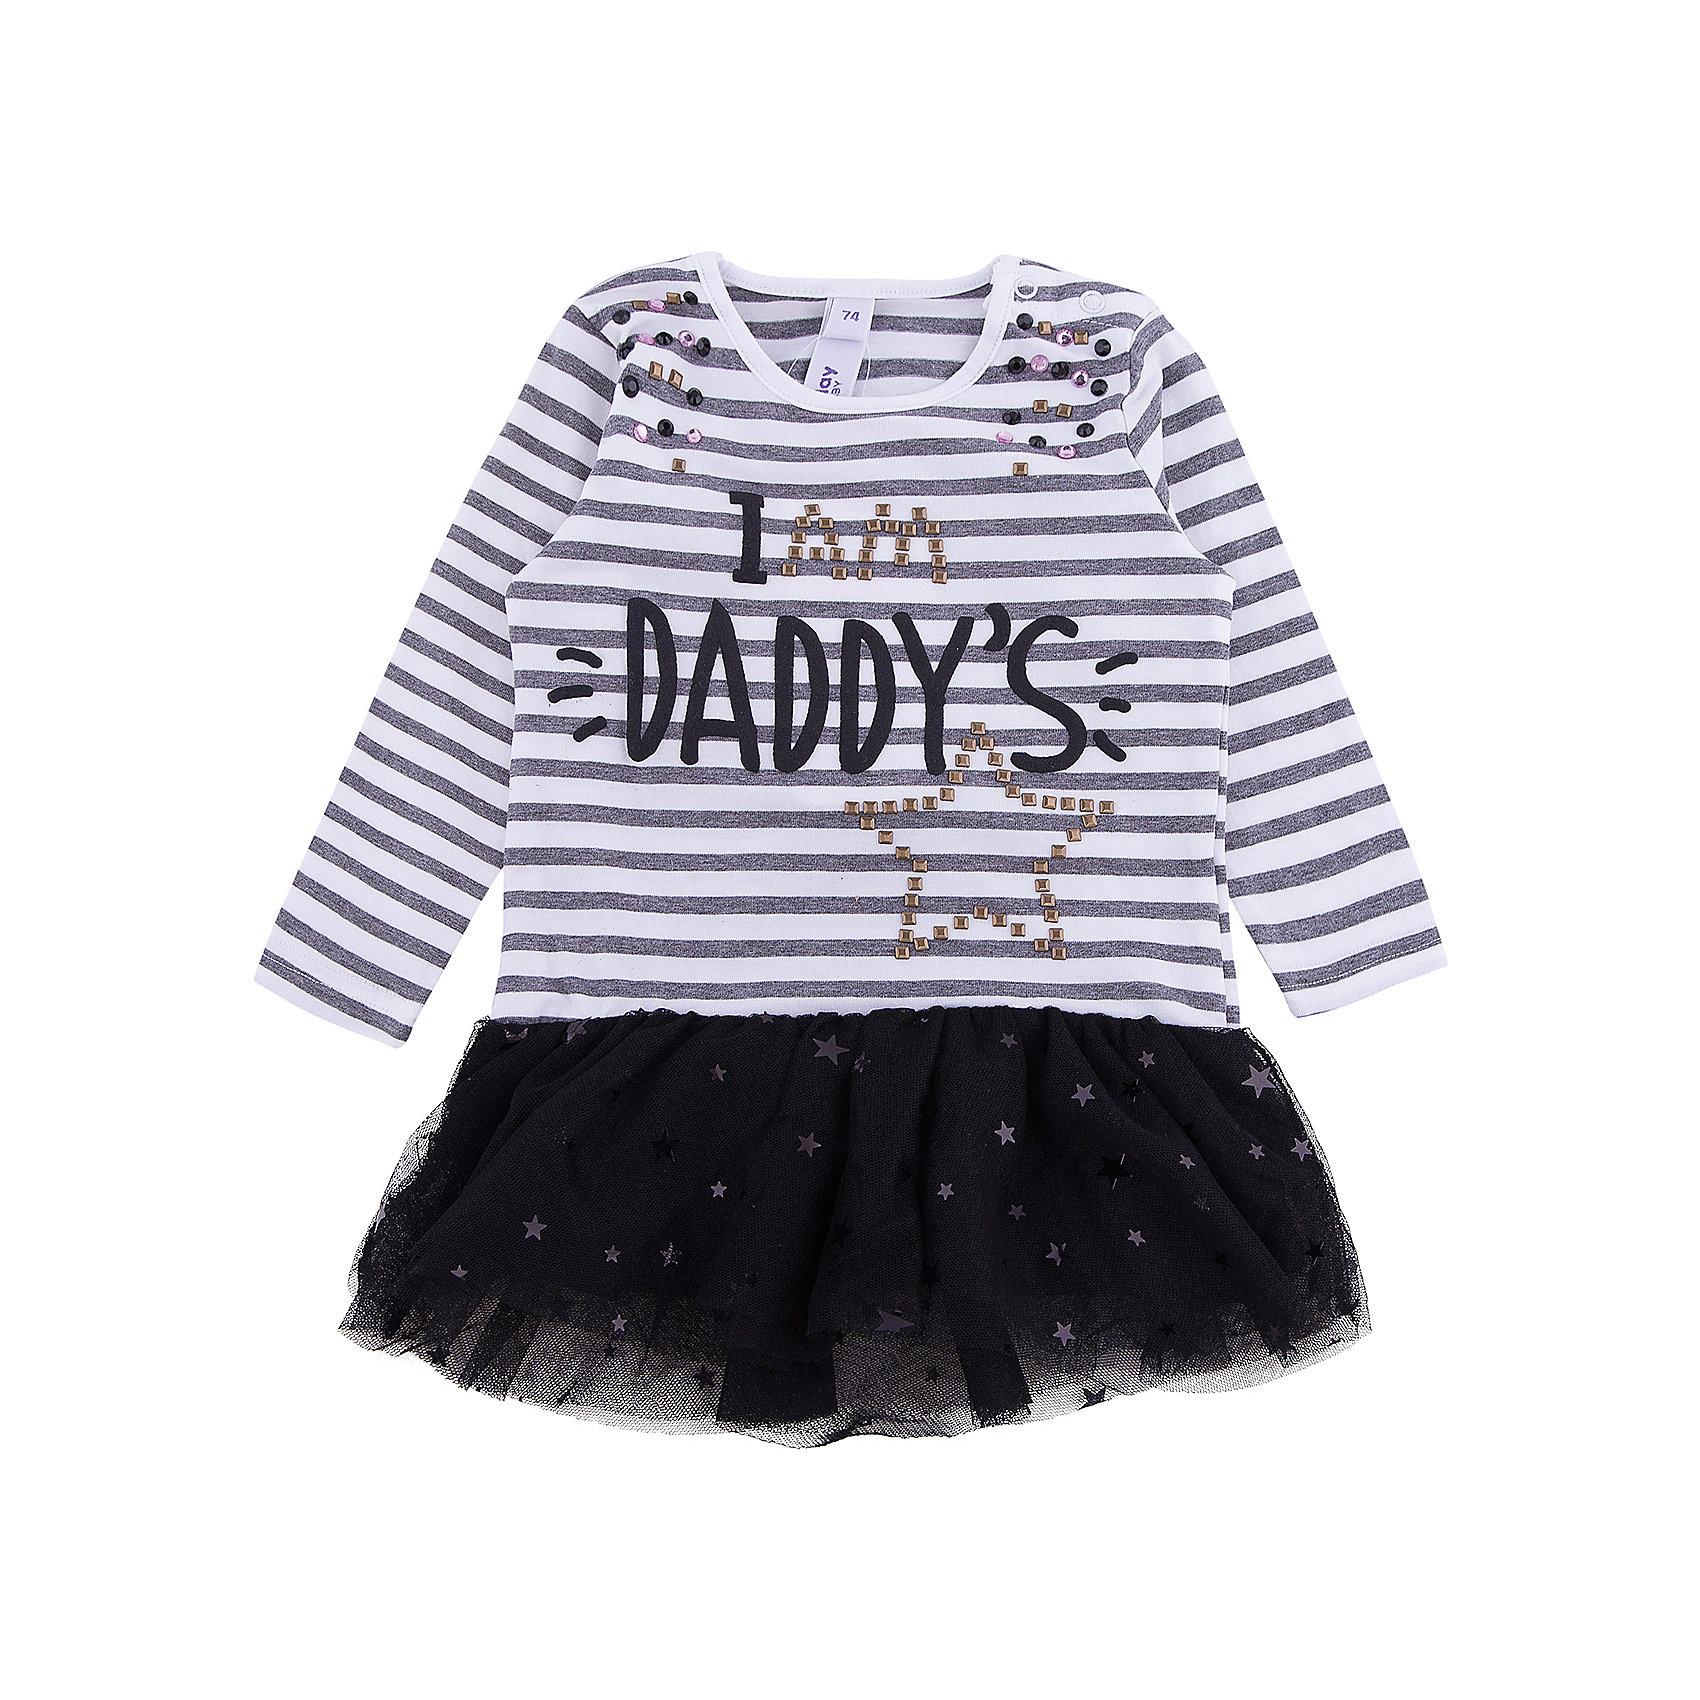 Платье для девочки PlayTodayПлатья<br>Платье для девочки PlayToday<br>Платье, с заниженной талией, с округлом вырезом у горловины понравится Вашей моднице.  Свободный крой не сковывает движений. Приятная на ощупь ткань не раздражает нежную кожу ребенка. Пышая юбка из легкой сетчатой ткани. Модель декорирована стразами, принтом и пайетками. На горловине платье снабжено двумя застежками - кнопками для удобства снимания и одевания.Преимущества: Свободный крой не сковывает движений ребенкаМатериал приятен к телу и не вызывает раздраженийДекорировано стразами, принтом и пайетками<br>Состав:<br>95% хлопок, 5% эластан; отделка 100% полиэстер<br><br>Ширина мм: 236<br>Глубина мм: 16<br>Высота мм: 184<br>Вес г: 177<br>Цвет: разноцветный<br>Возраст от месяцев: 18<br>Возраст до месяцев: 24<br>Пол: Женский<br>Возраст: Детский<br>Размер: 92,74,80,86<br>SKU: 5408139